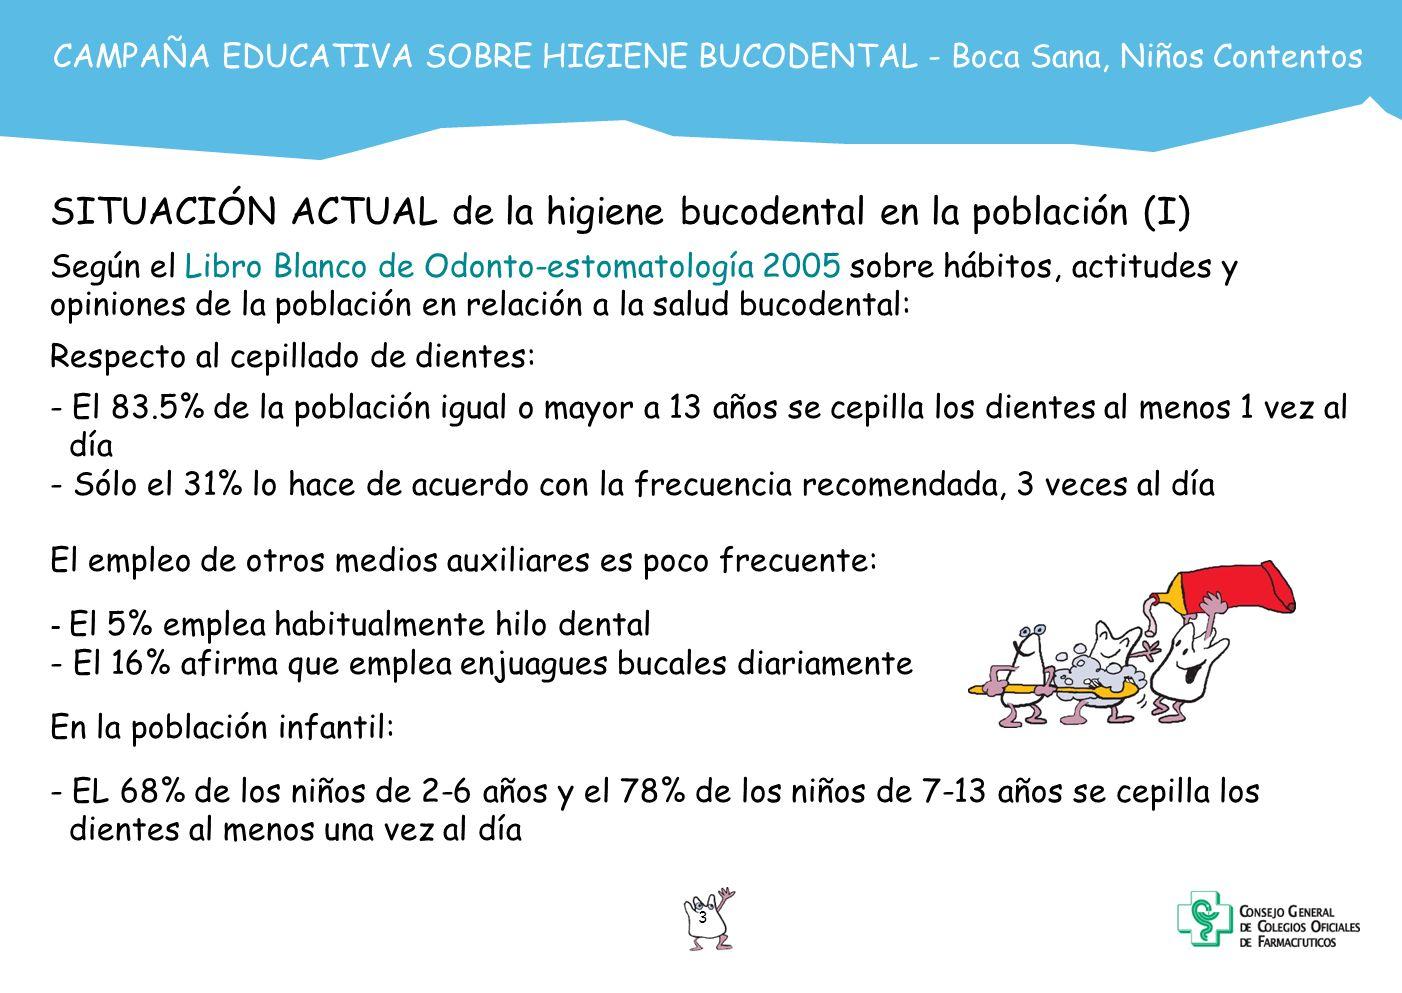 3 CAMPAÑA EDUCATIVA SOBRE HIGIENE BUCODENTAL - Boca Sana, Niños Contentos SITUACIÓN ACTUAL de la higiene bucodental en la población (I) Según el Libro